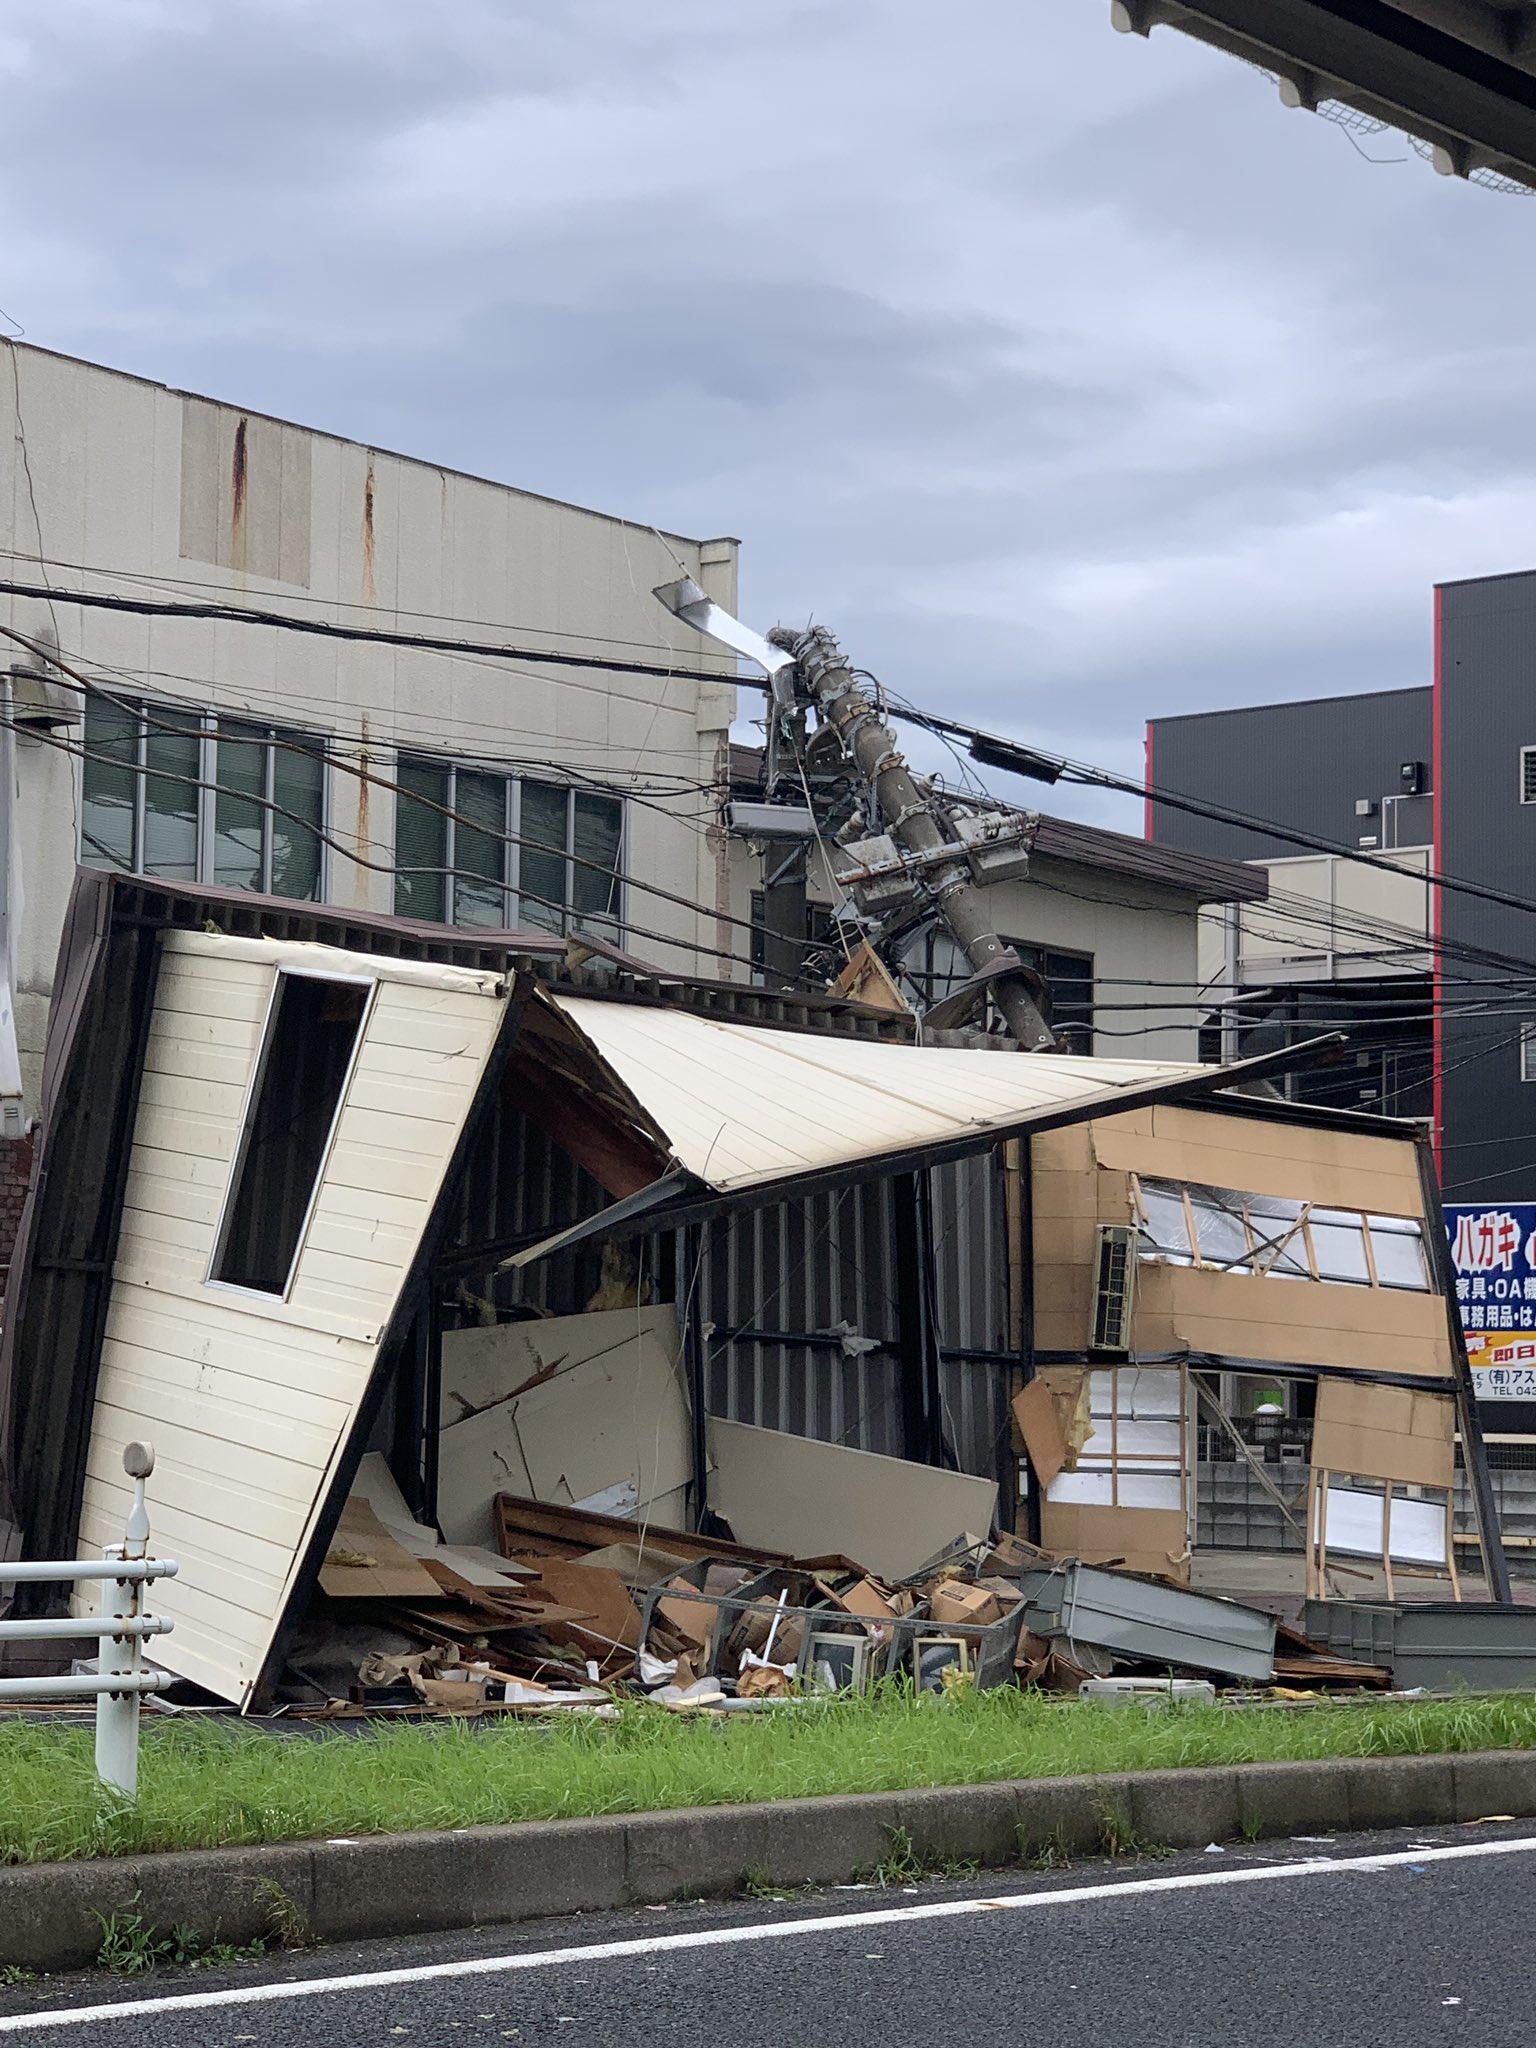 画像,屋根が飛んで電柱が倒れてたり、千葉公園は入り口がもうダメでした。 https://t.co/Mfjy4gYVyP。